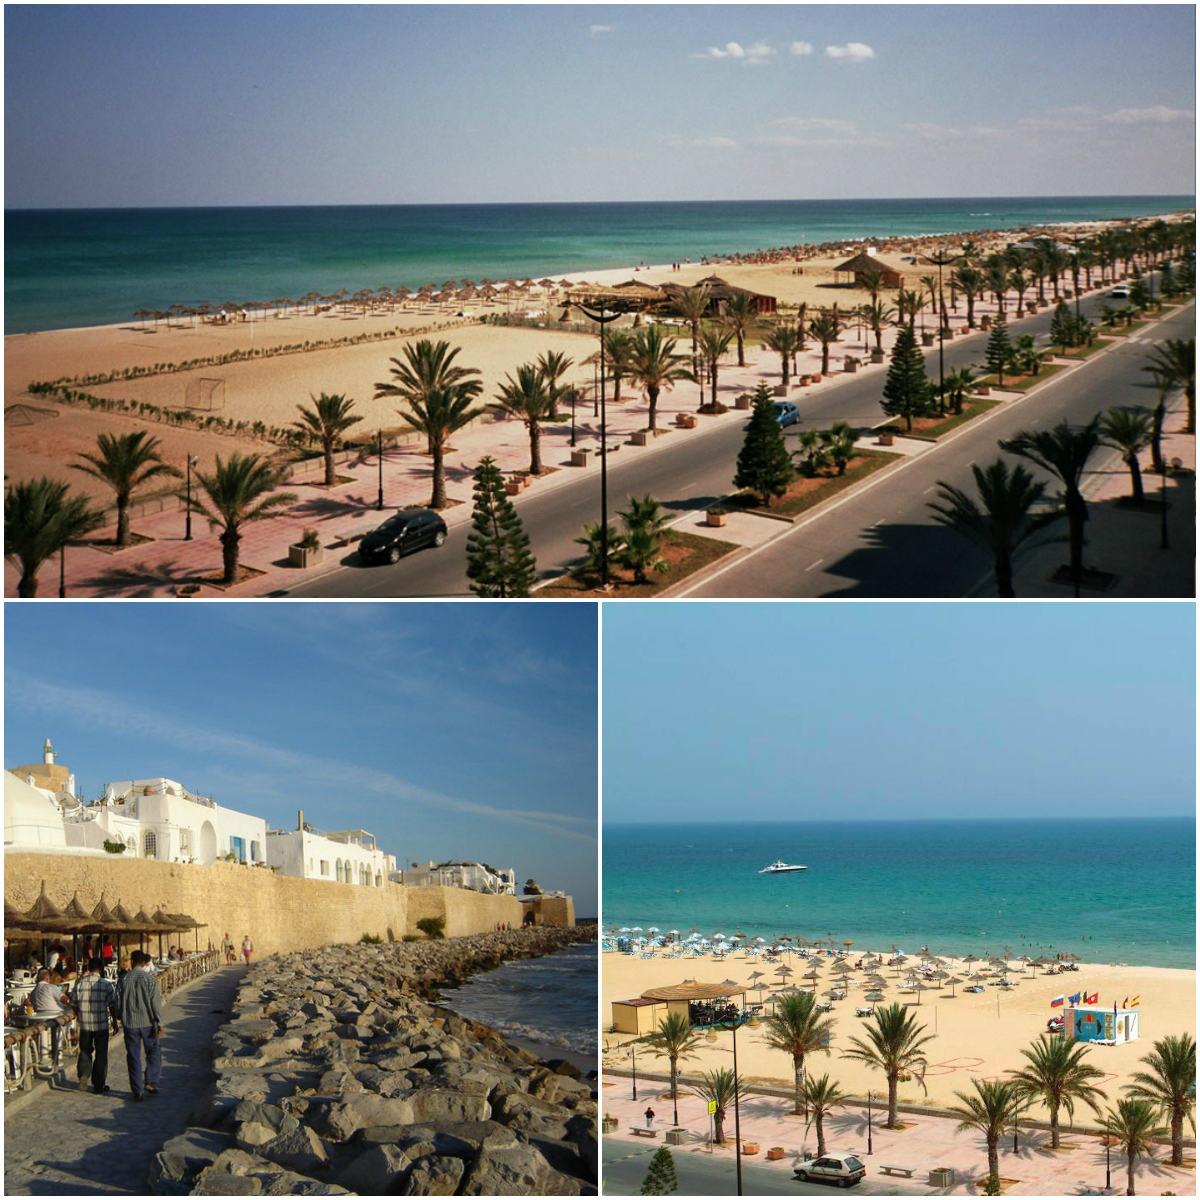 Курорты для отдыха в Тунисе